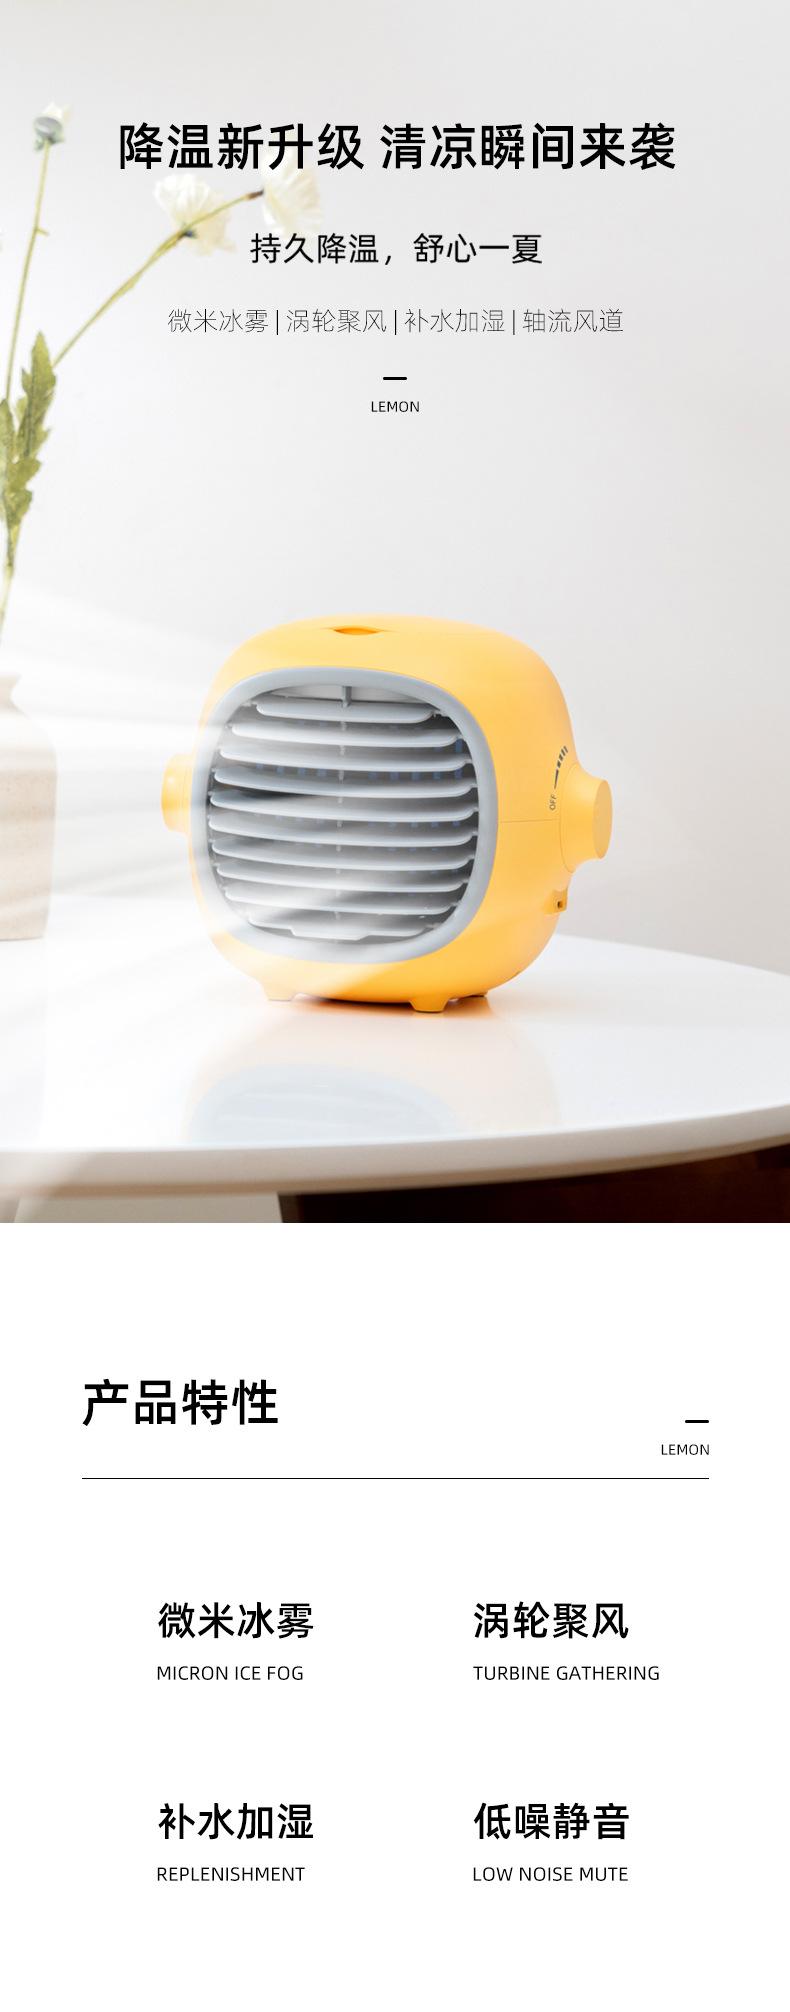 Kiếm: máy điều hòa, máy điều hòa, quạt, tủ lạnh, máy Chúa, máy cầm tay trong nhà, sạc được, xe ngủ s